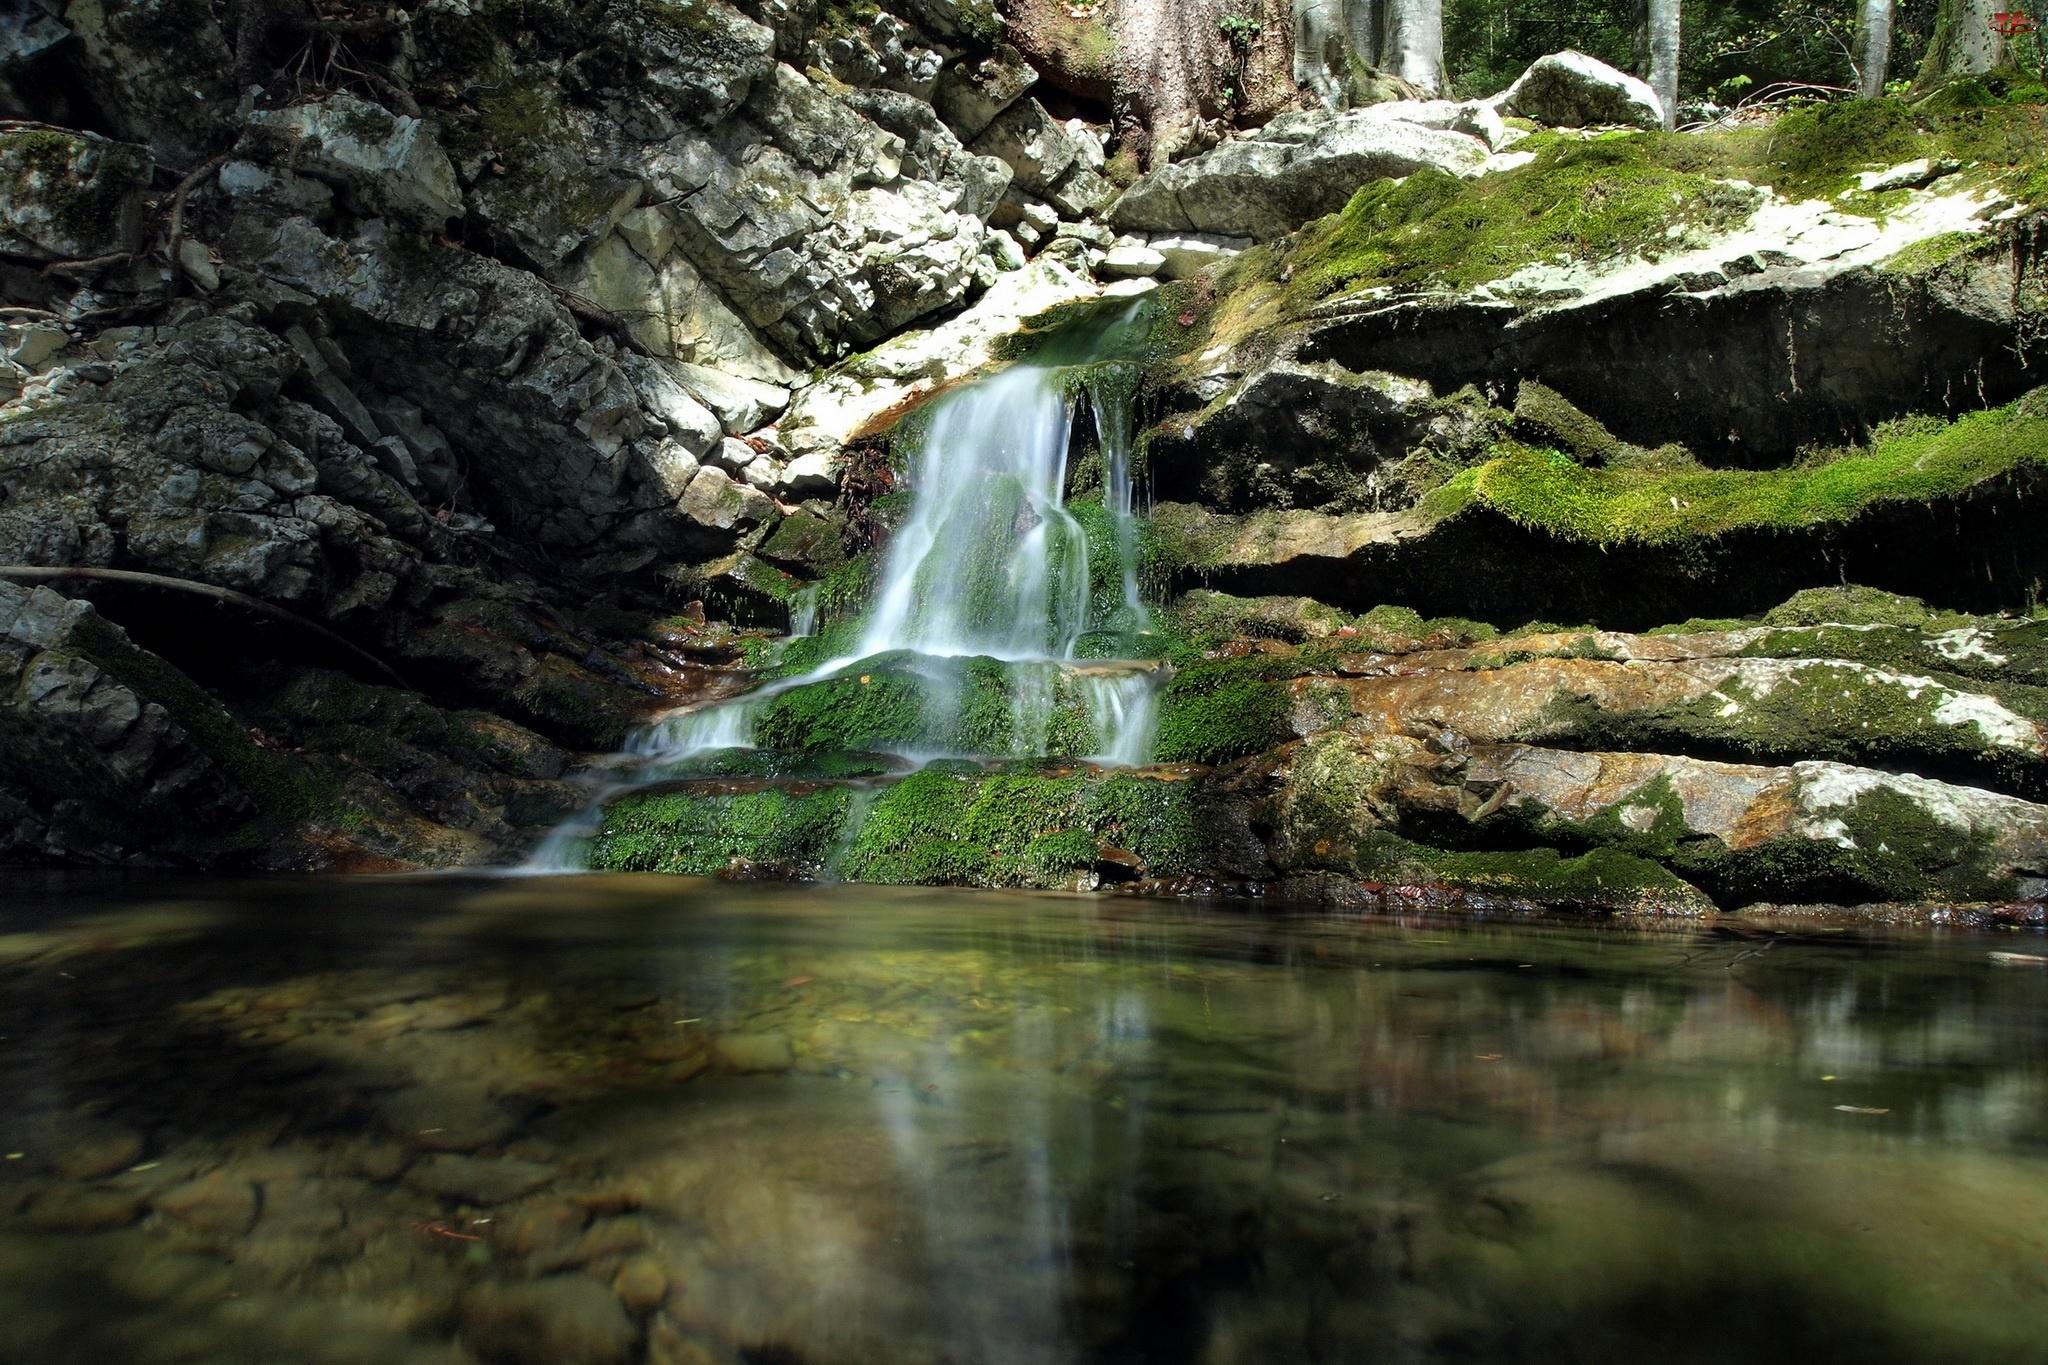 Roślinność, Wodospad, Skały